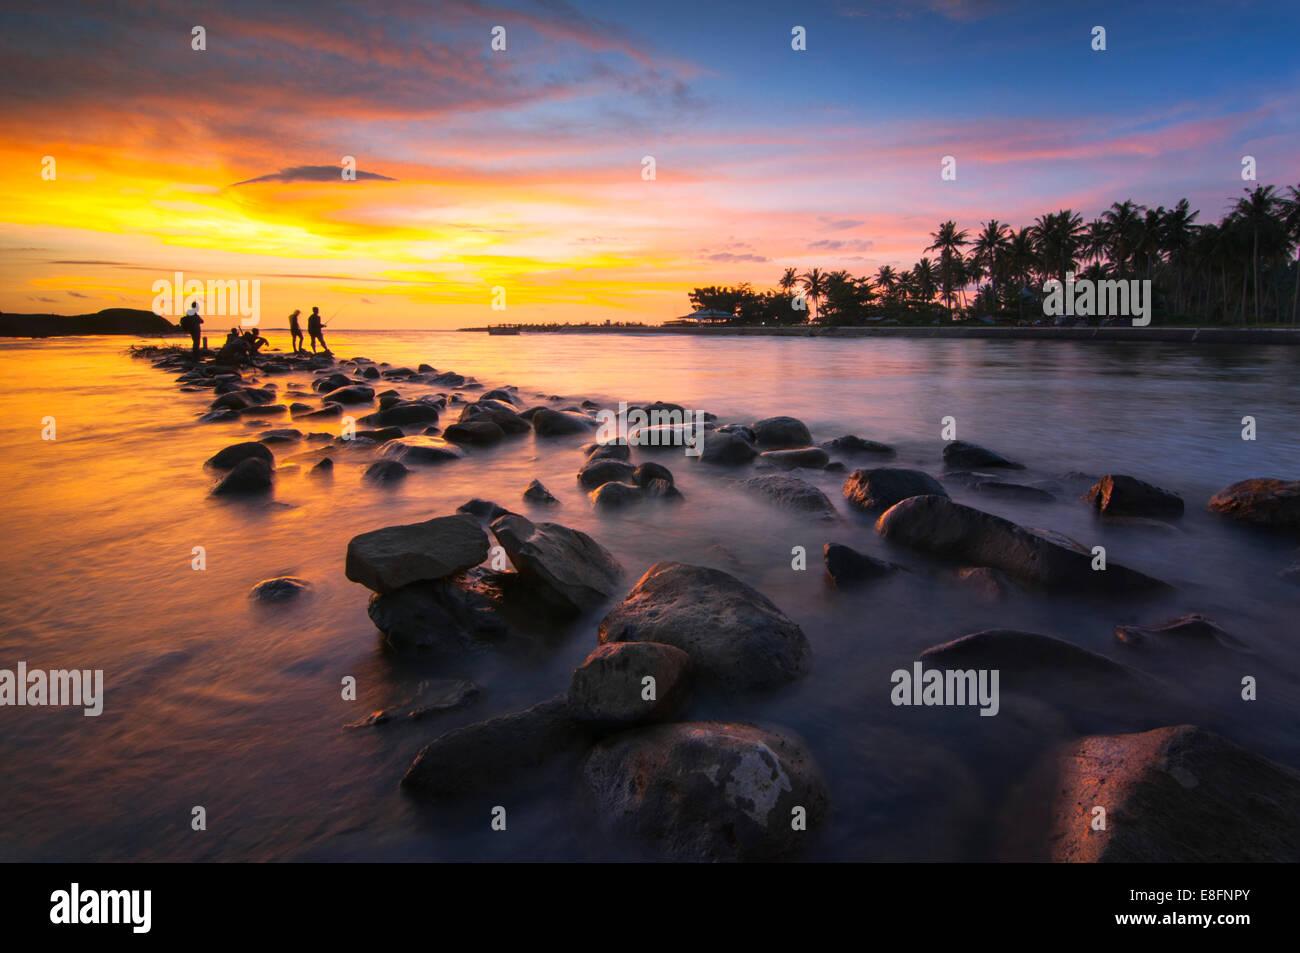 Indonesia, Sumatra, a ovest di Sumatra, Silhouette di persone sulla spiaggia al tramonto Immagini Stock